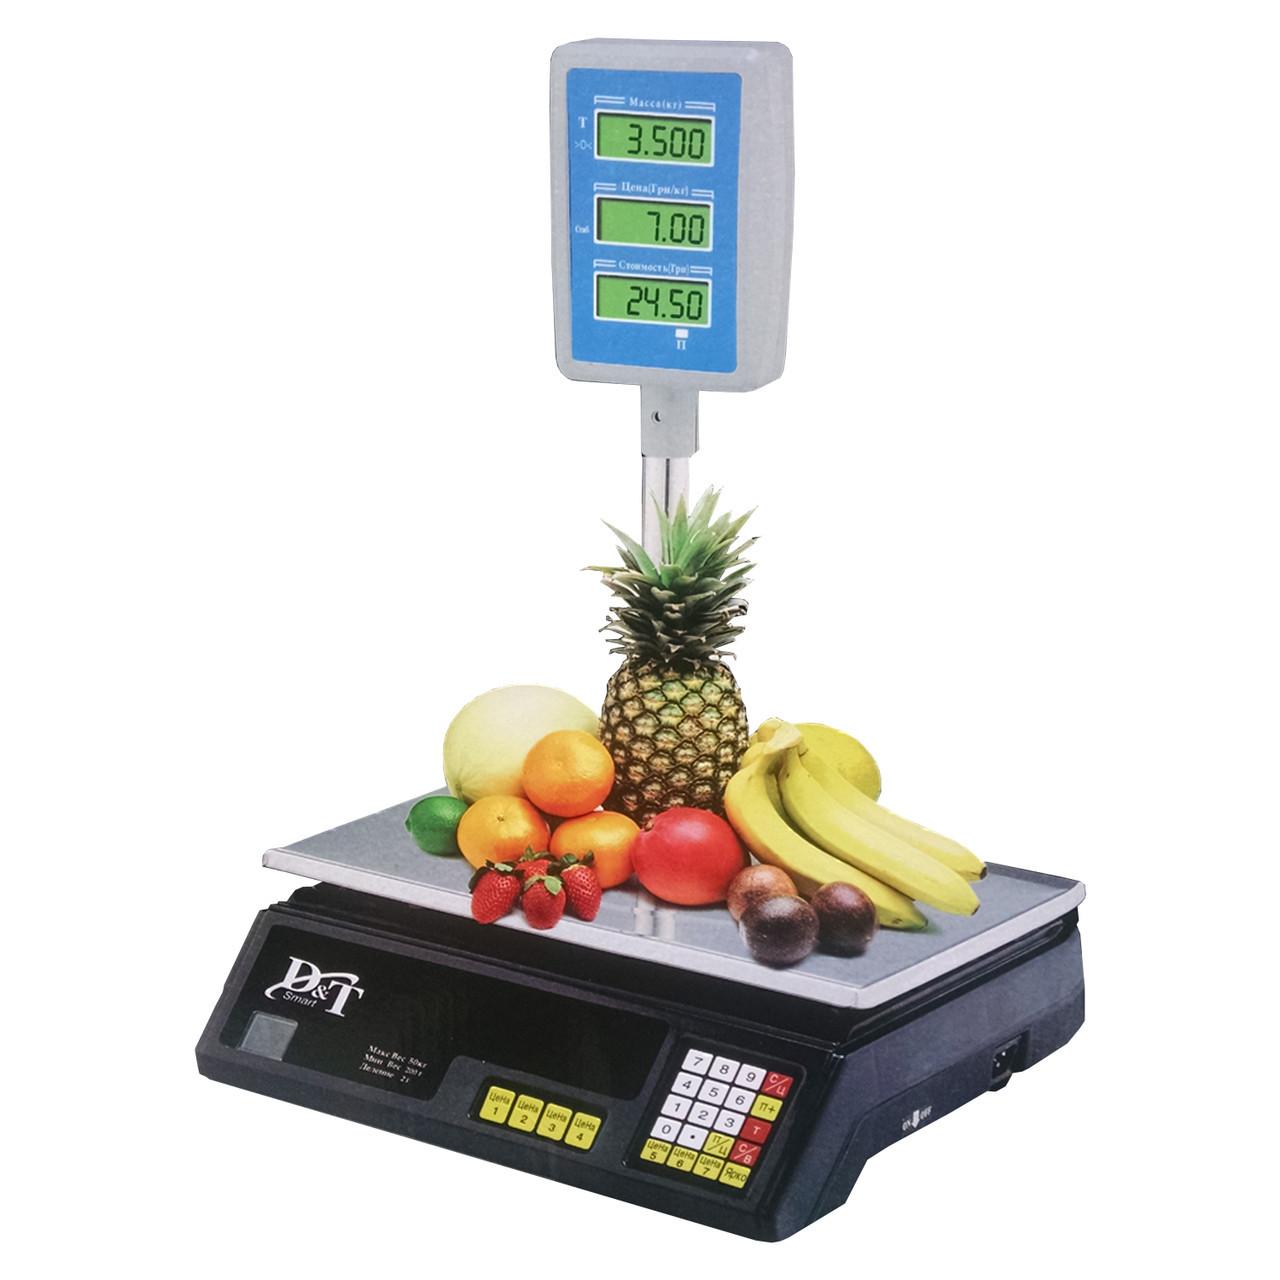 Рыночные электронные торговые весы 40 кг DT Smart DT-5053